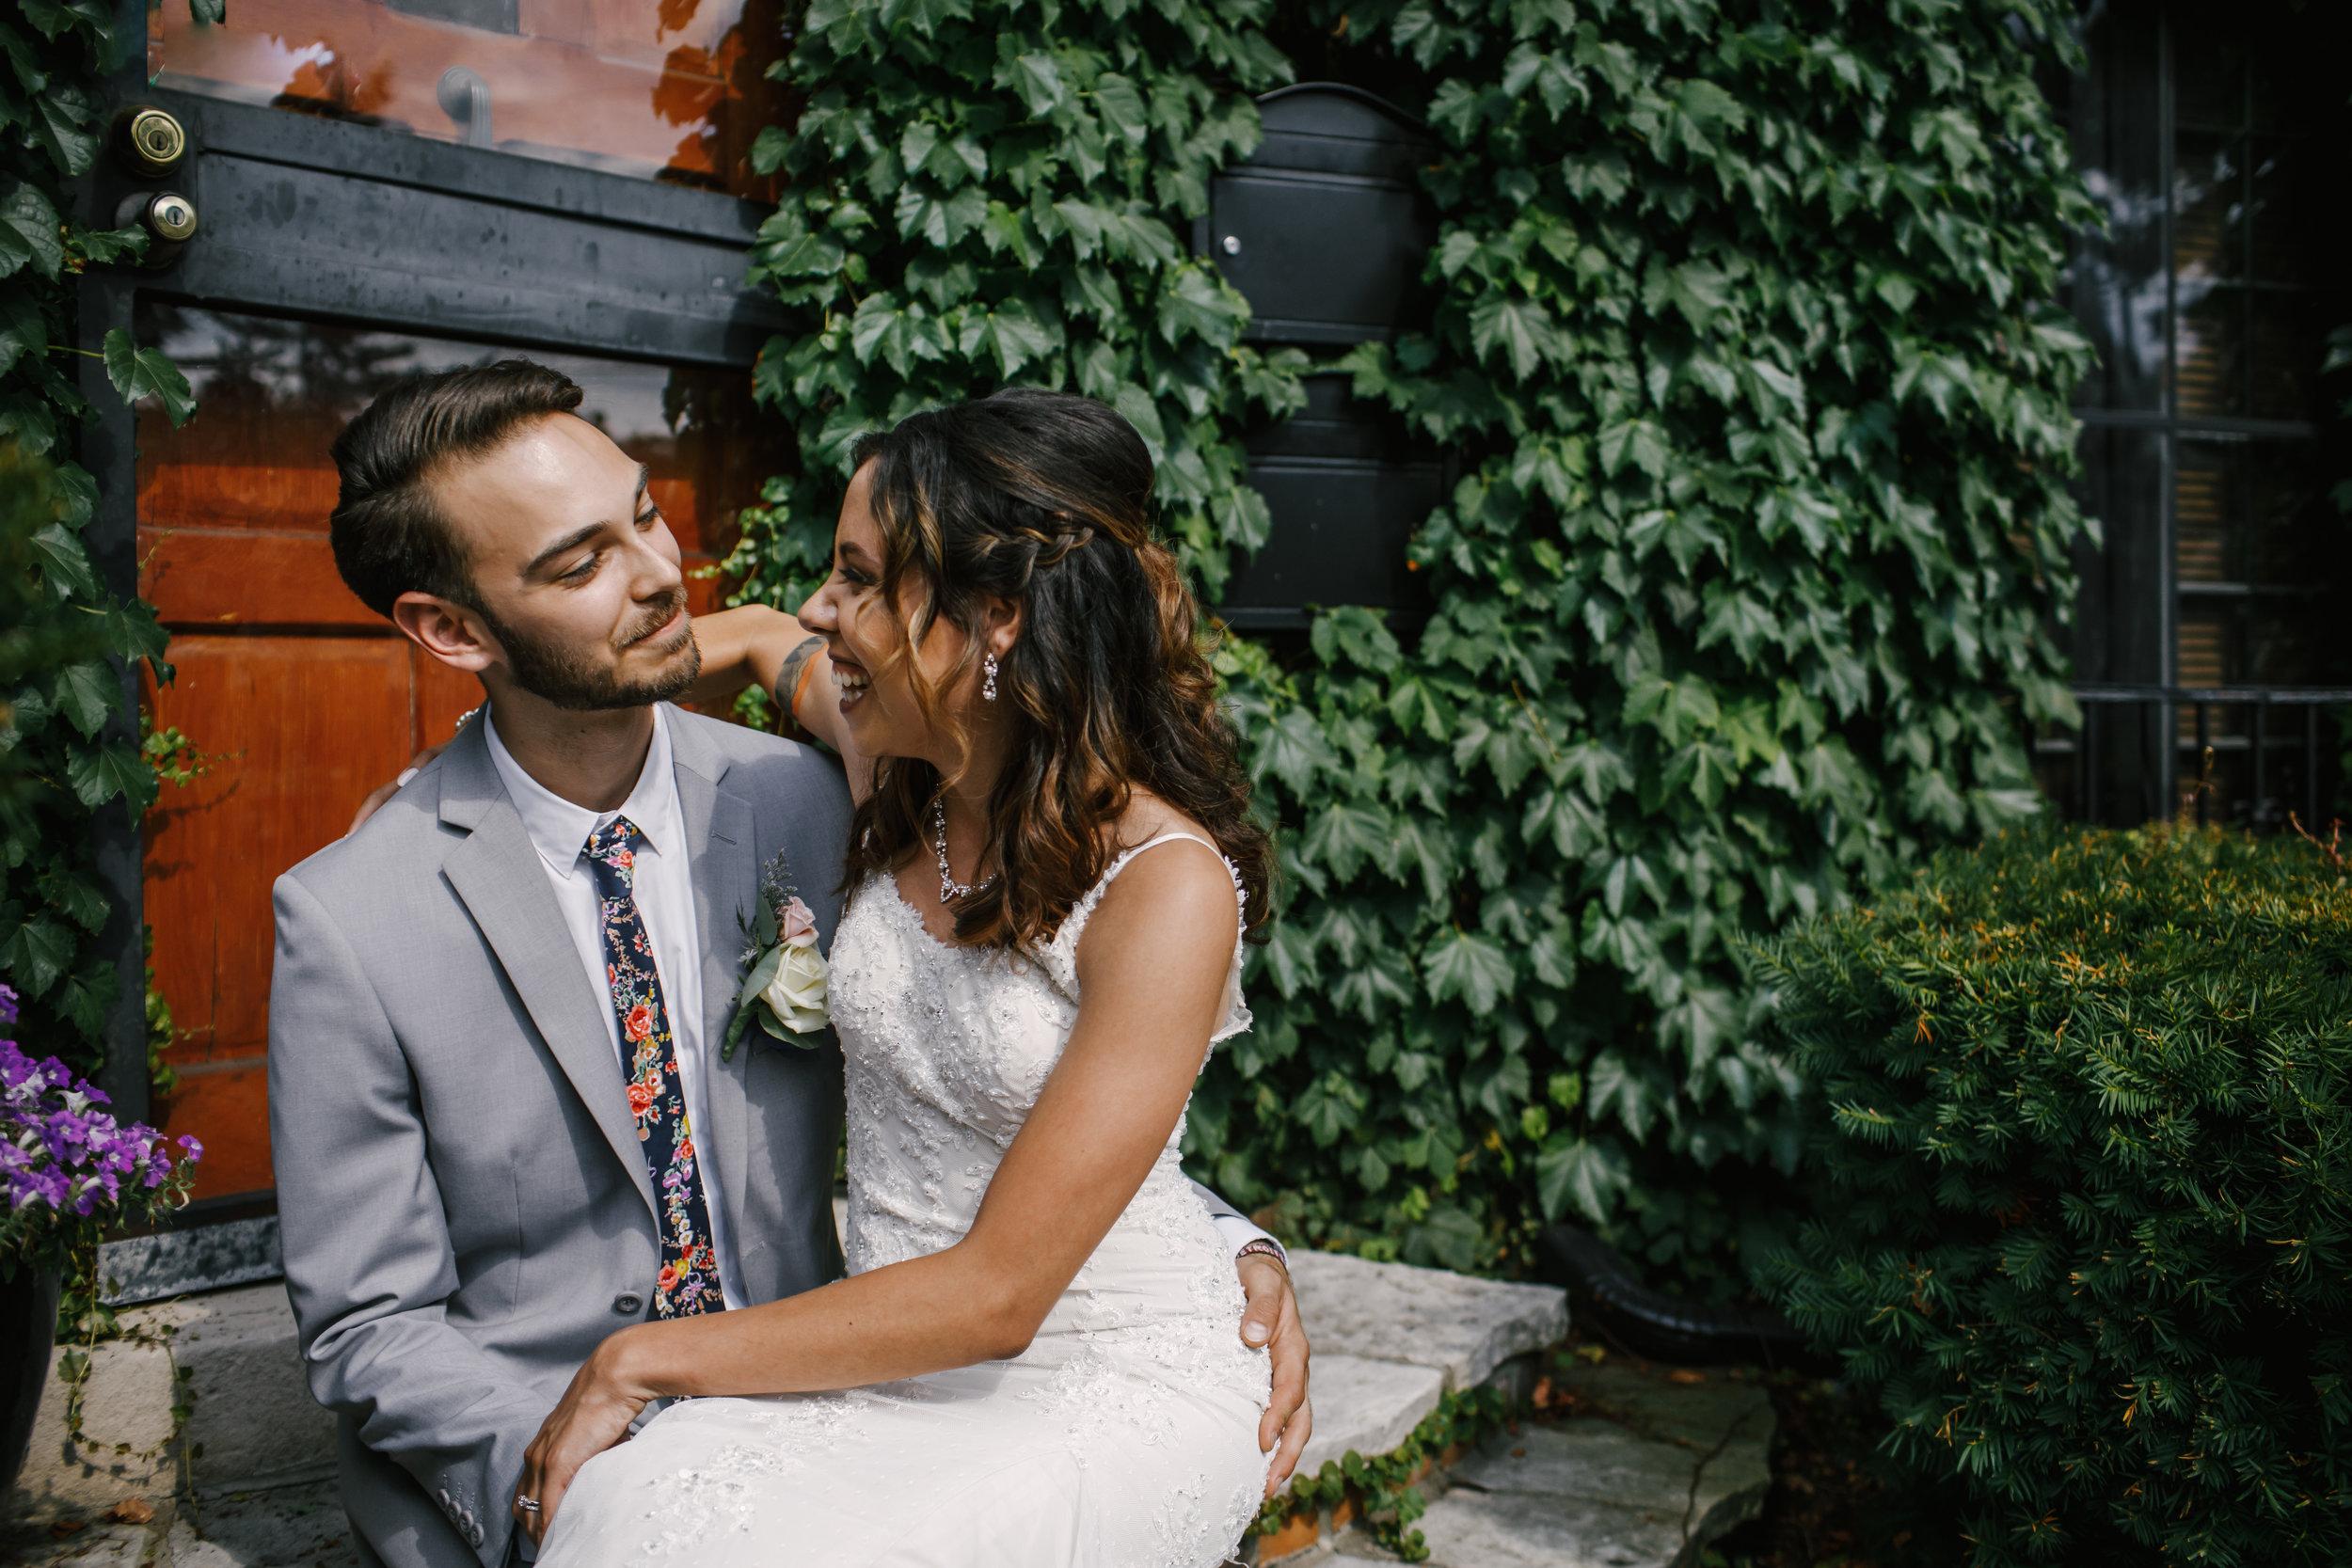 09168-3-2019_wedding_.JPG